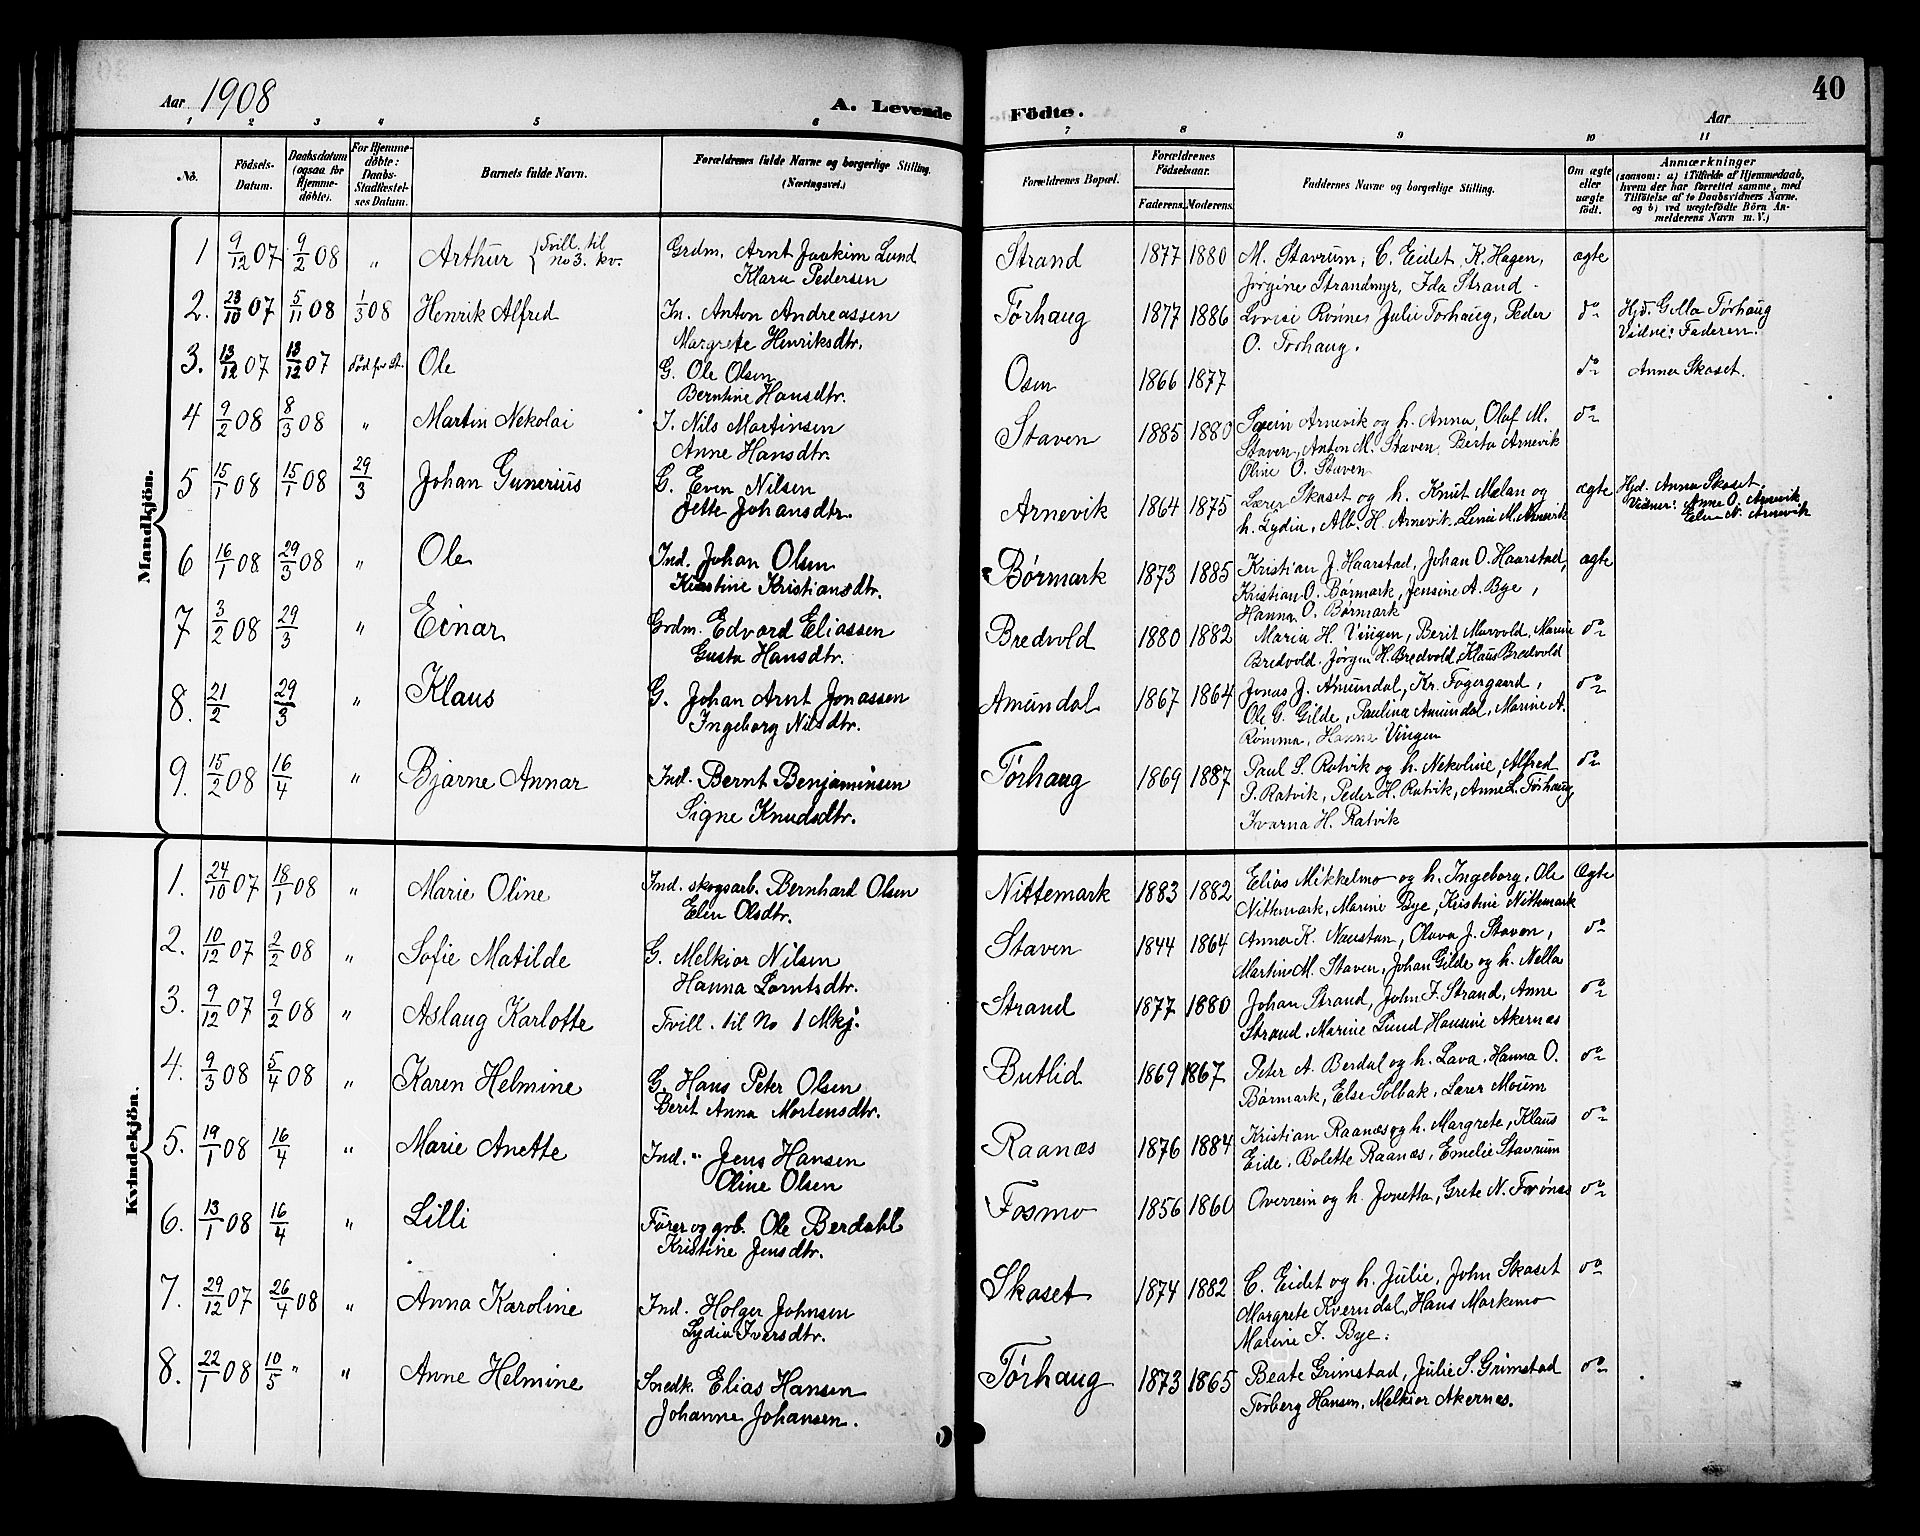 SAT, Ministerialprotokoller, klokkerbøker og fødselsregistre - Sør-Trøndelag, 655/L0688: Klokkerbok nr. 655C04, 1899-1922, s. 40